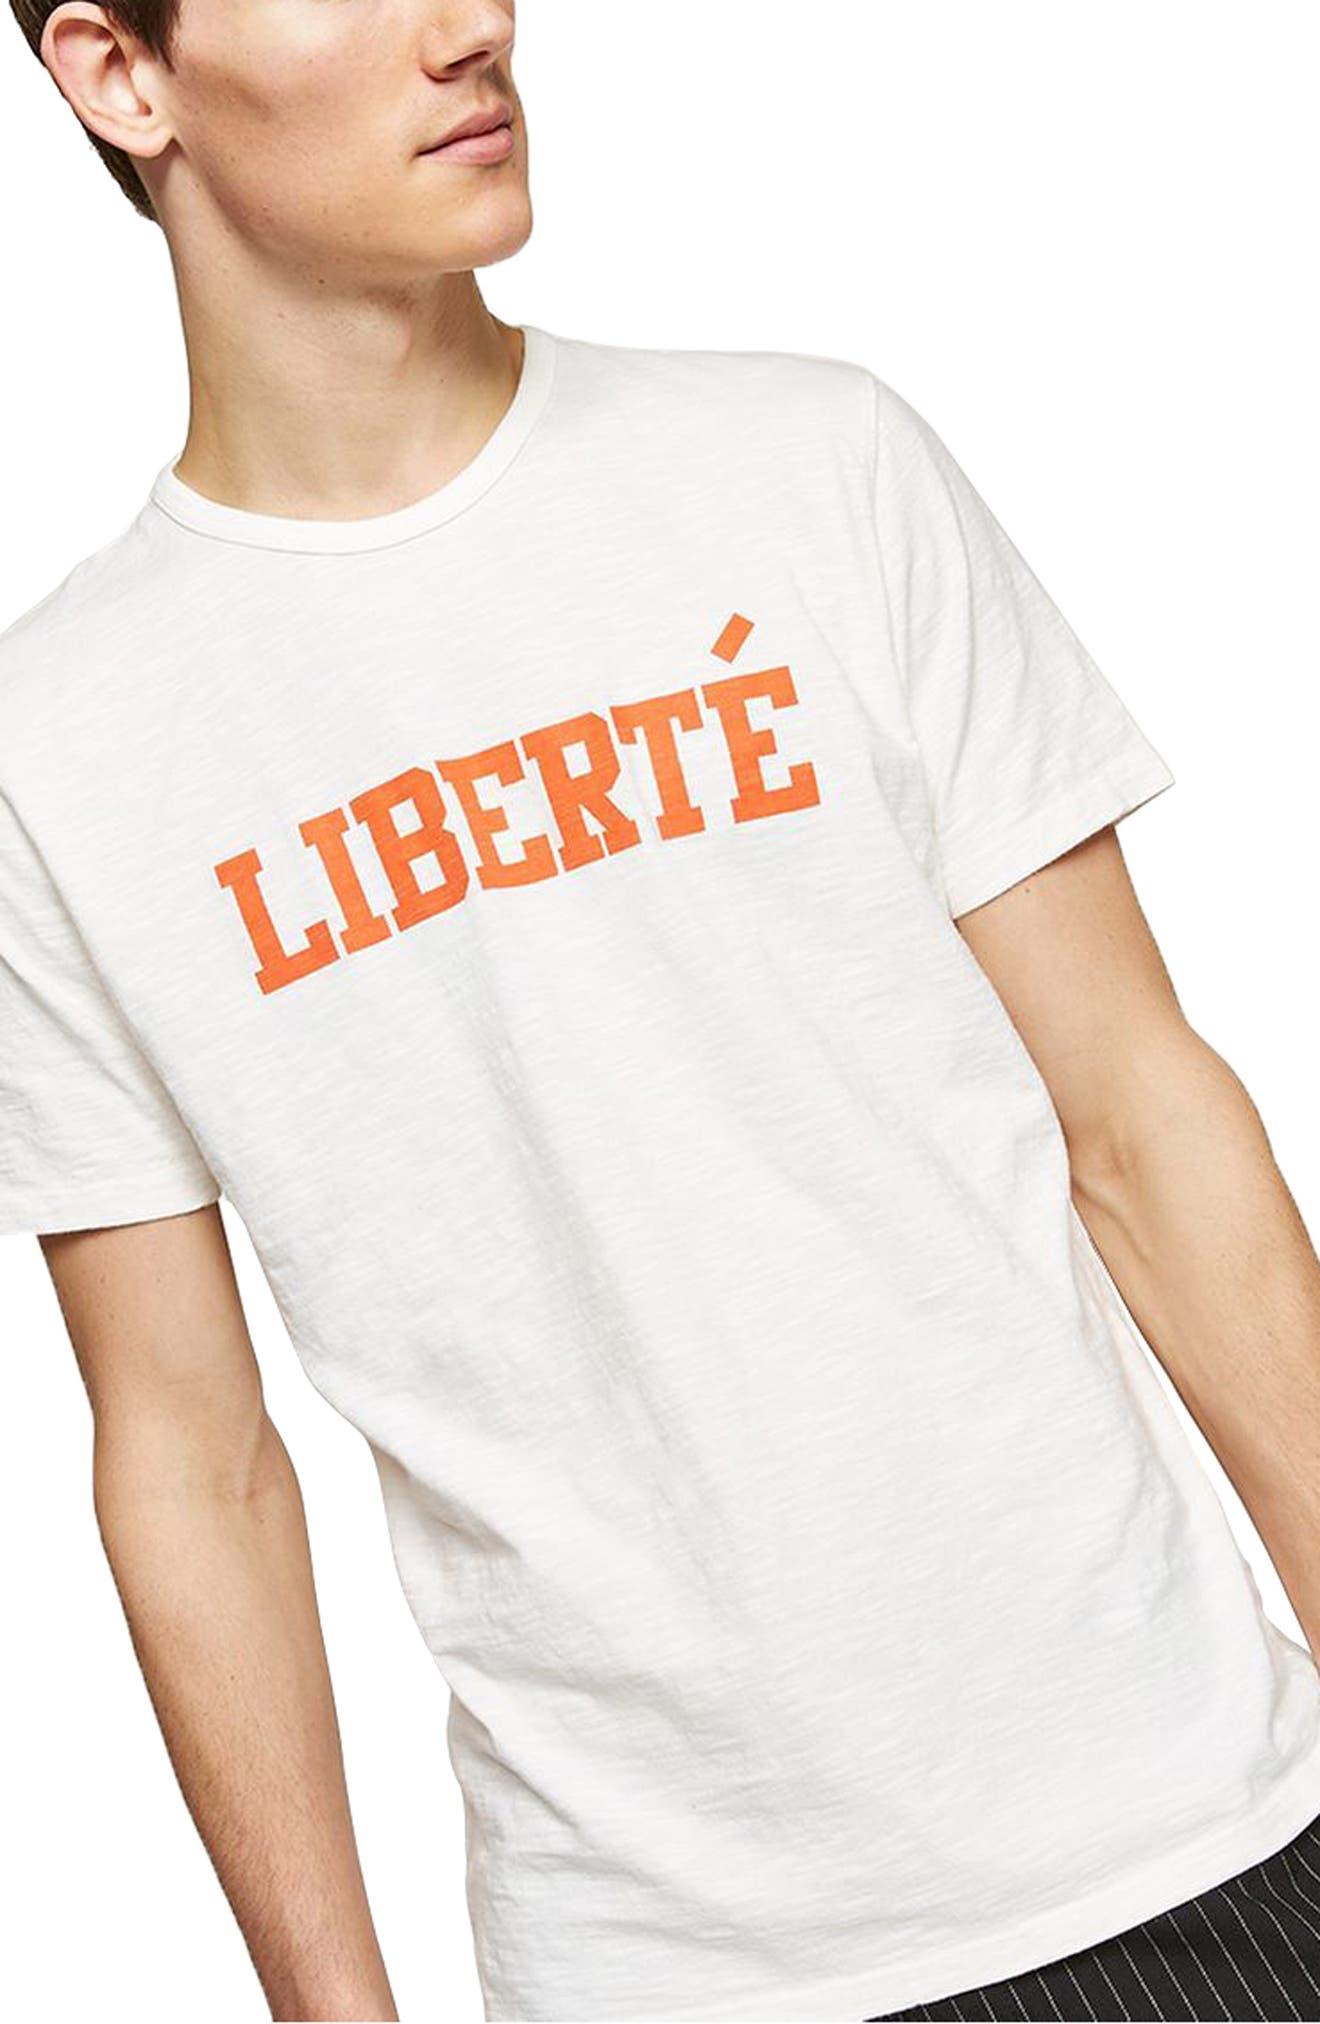 Liberté Graphic T-Shirt,                         Main,                         color, White Multi